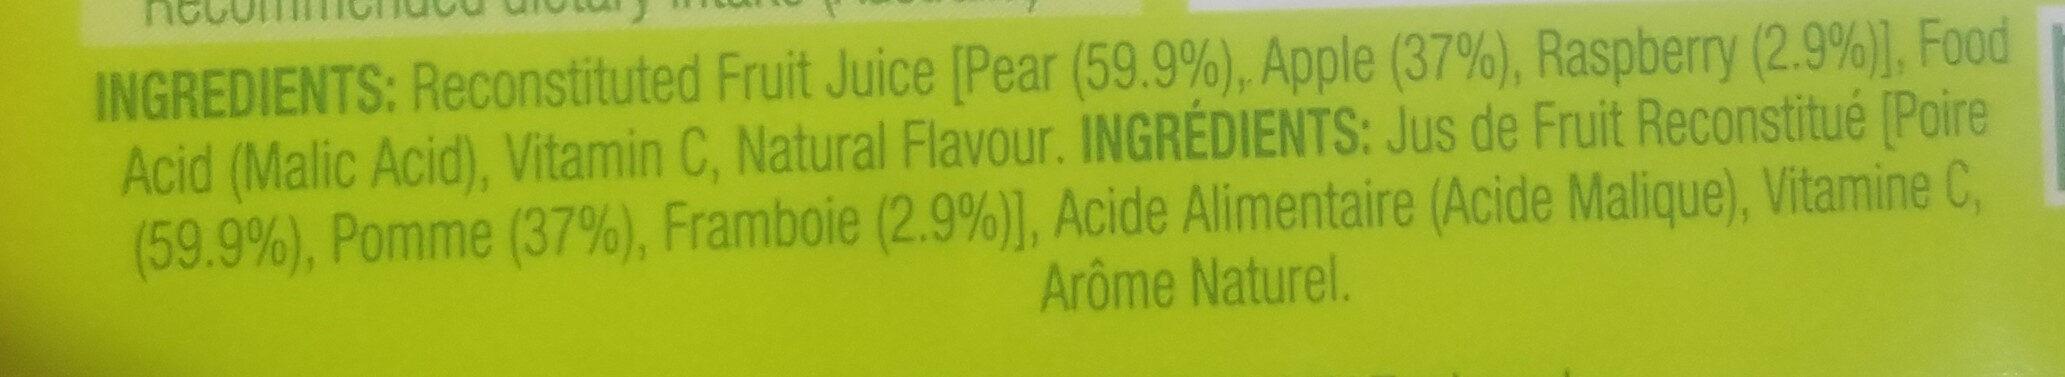 Pear Apple & Raspberry - Ingredients - en